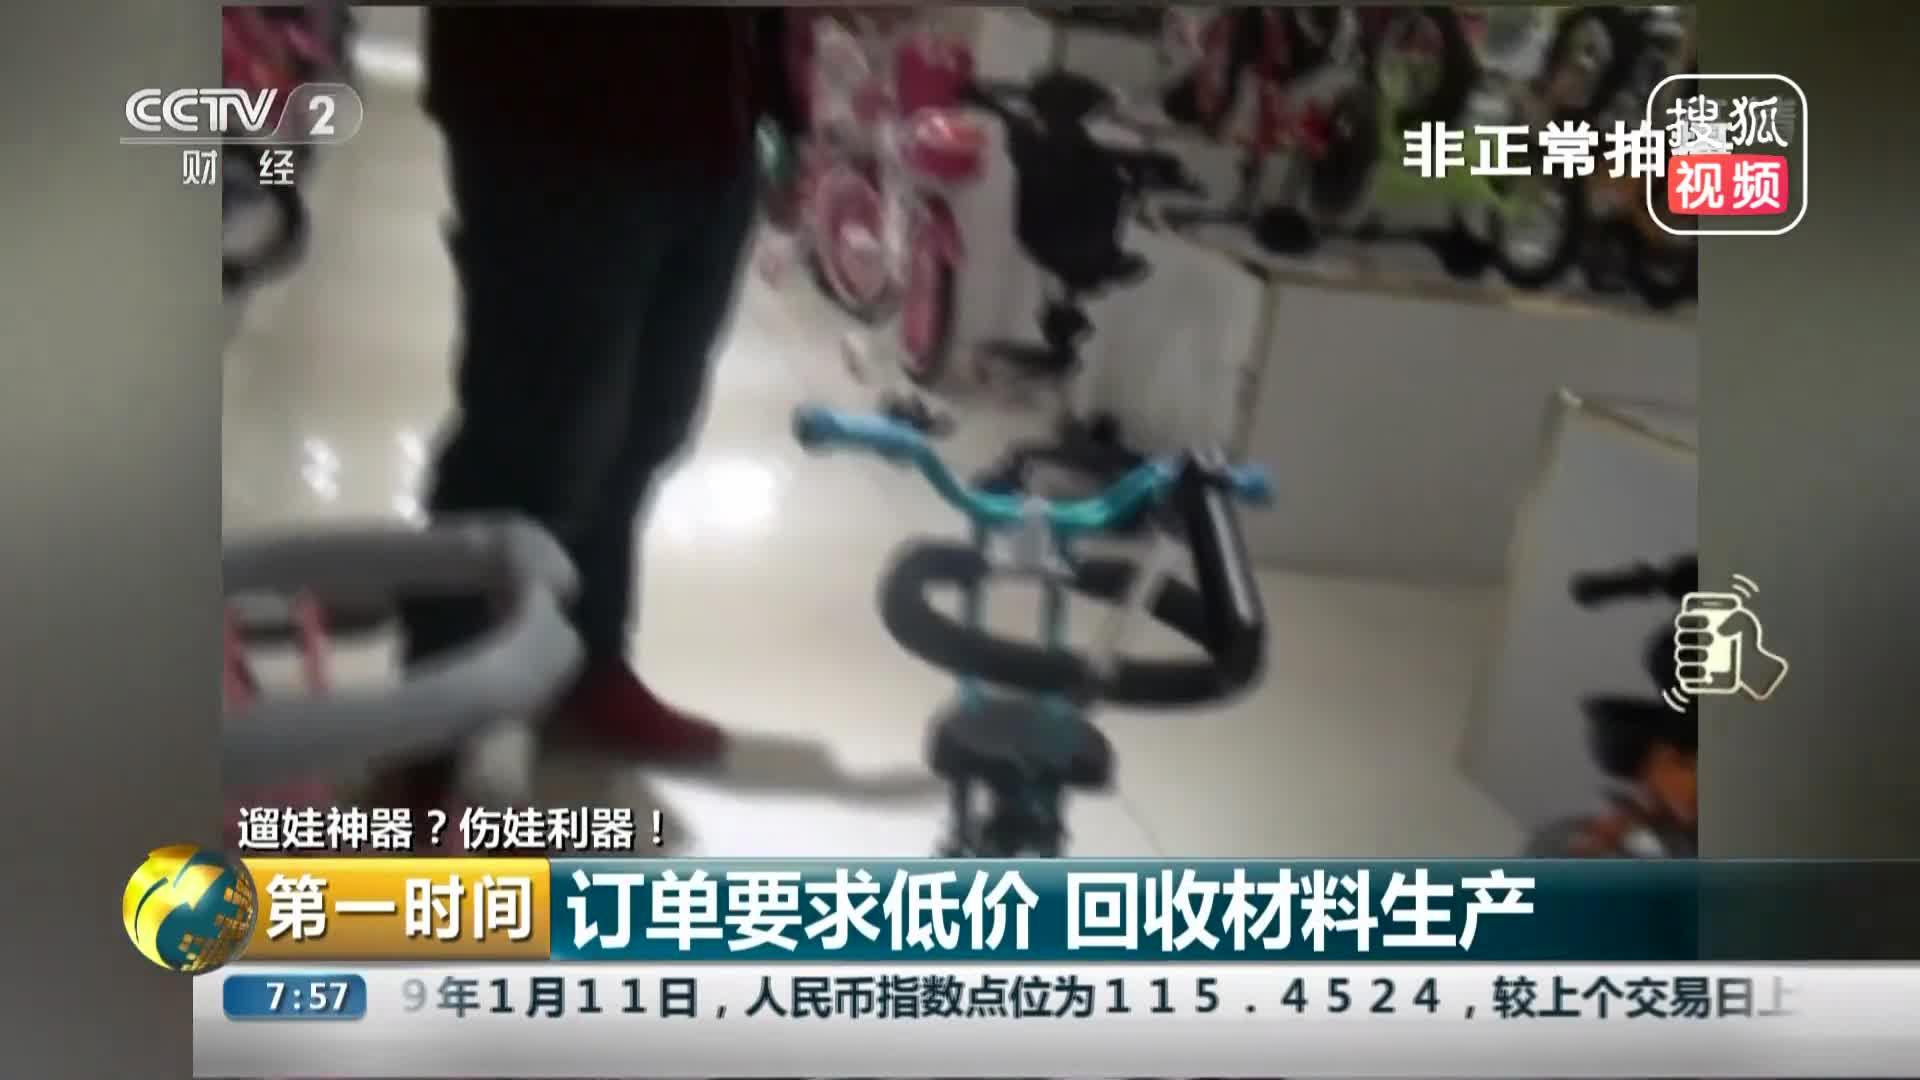 [视频]遛娃神器?伤娃利器!订单要求低价 回收材料生产